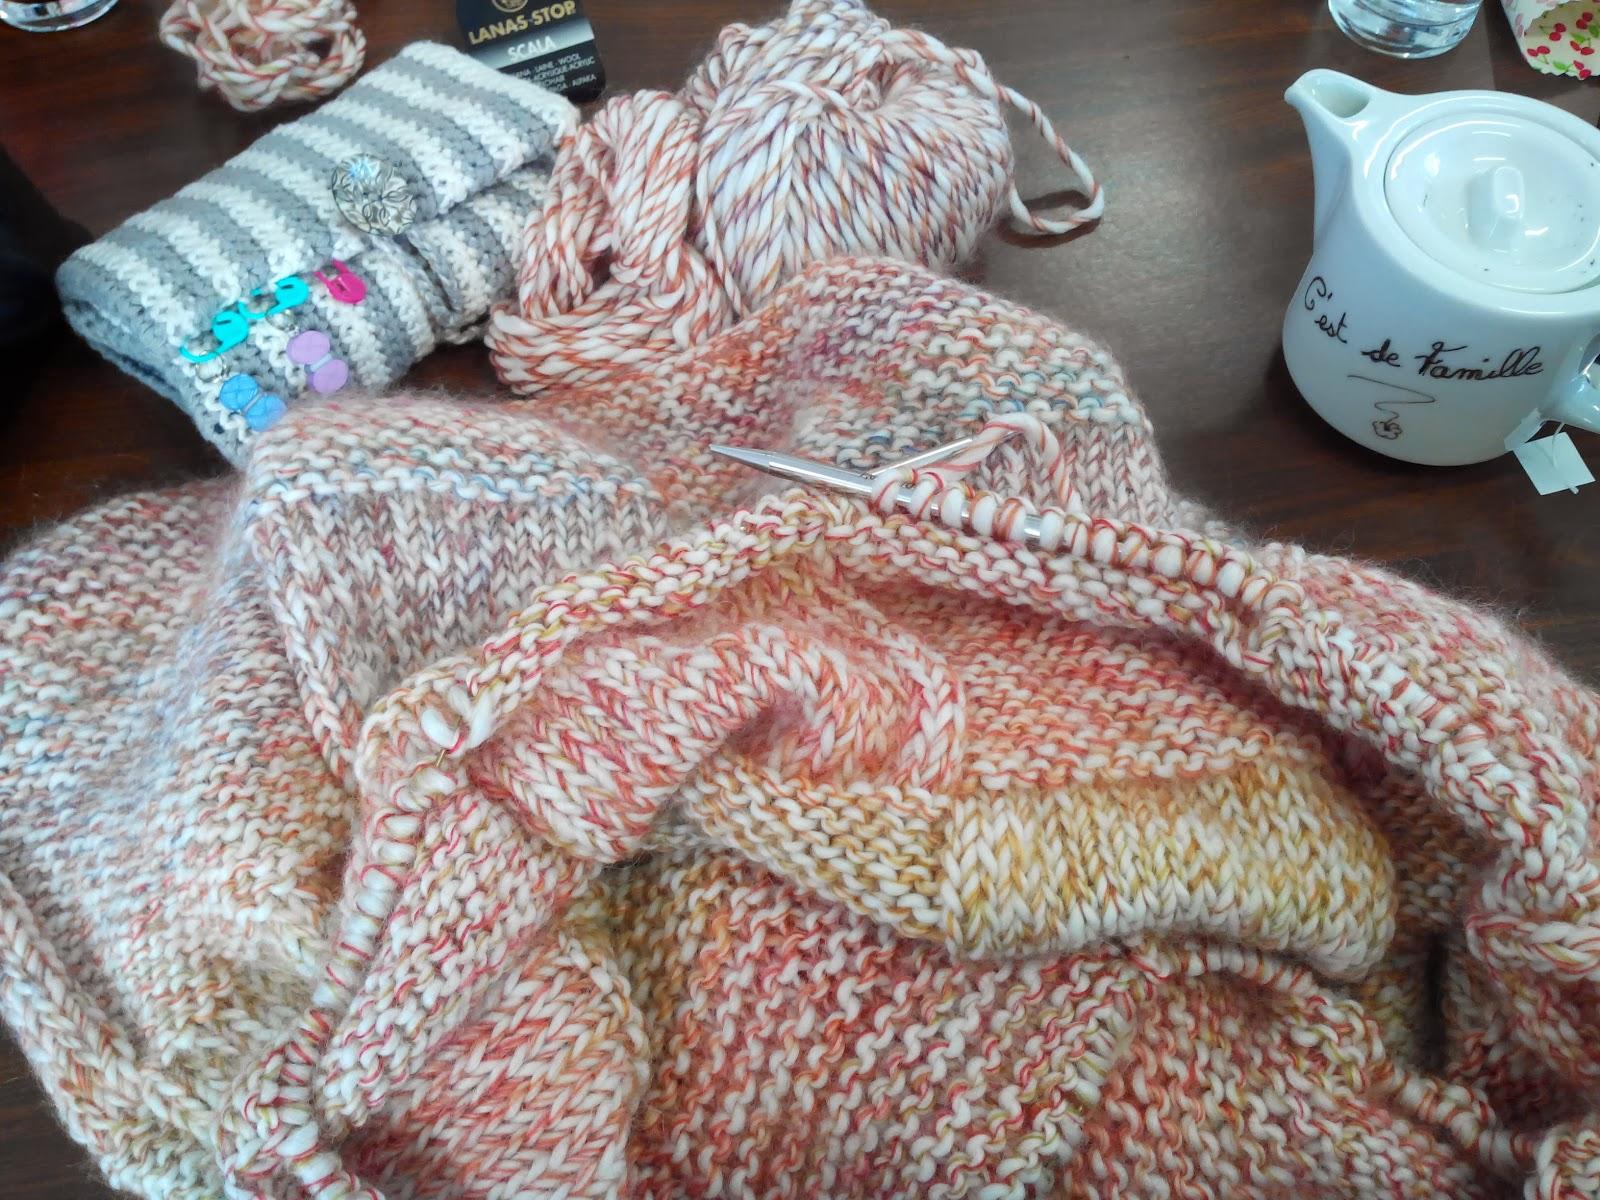 tricot fil d 39 o et les miralimcir le plaid hivernal. Black Bedroom Furniture Sets. Home Design Ideas